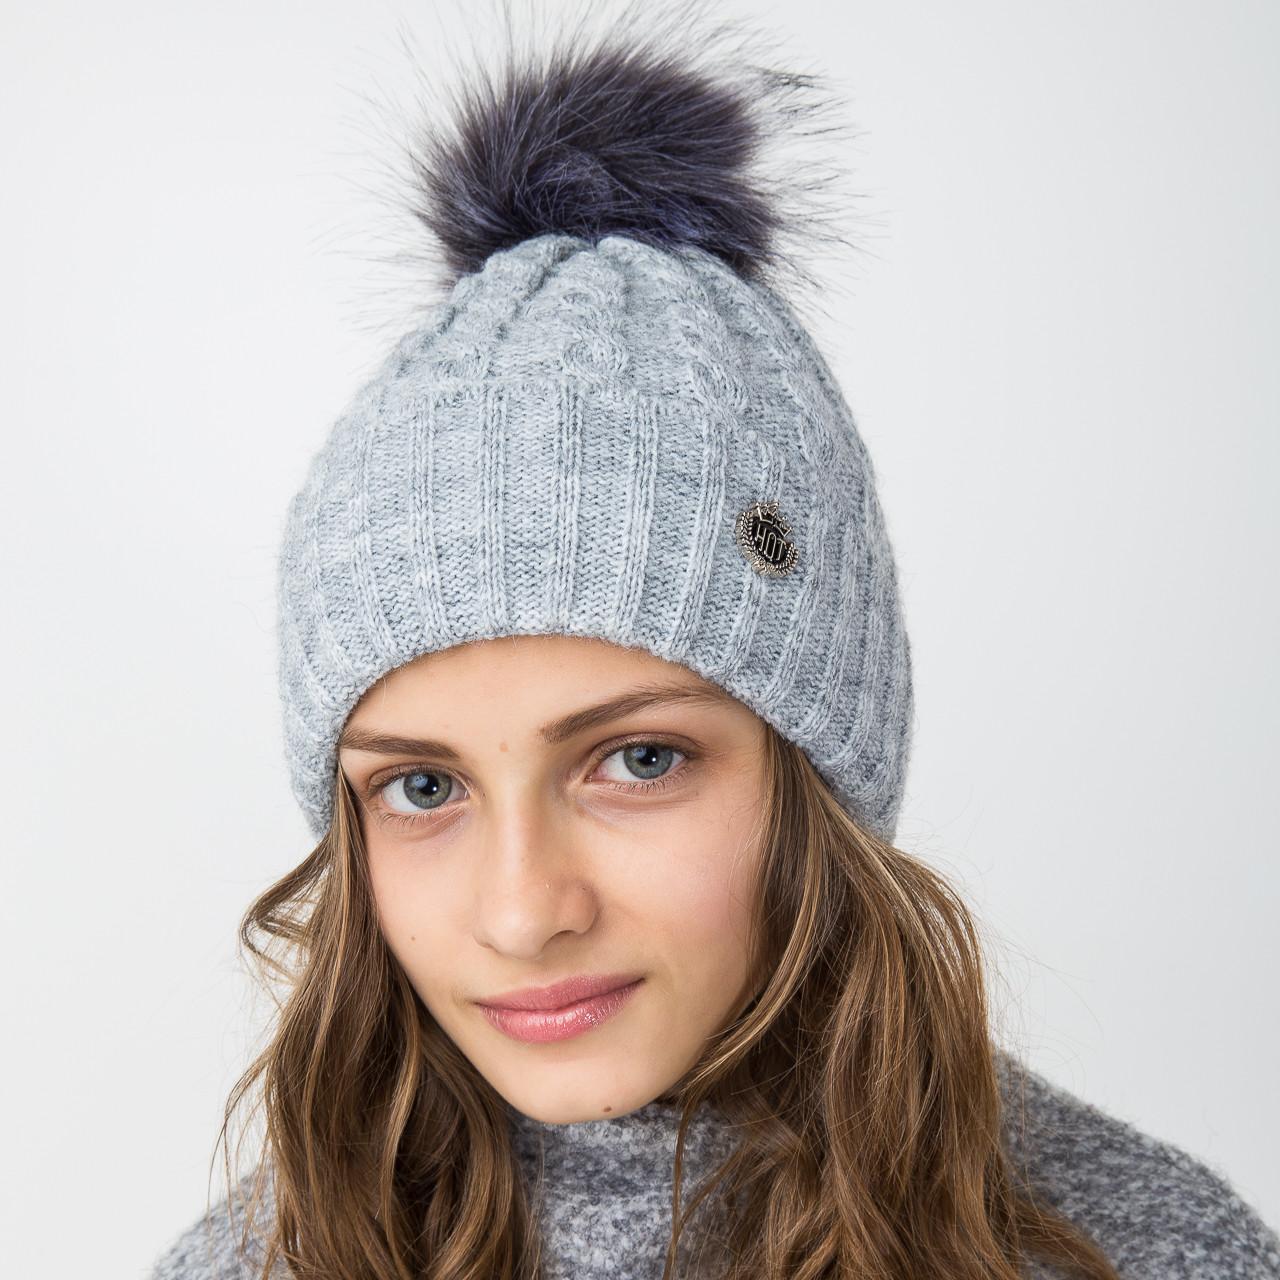 Вязанная зимняя шапка с меховым помпоном для девочек - Артикул 2122-3